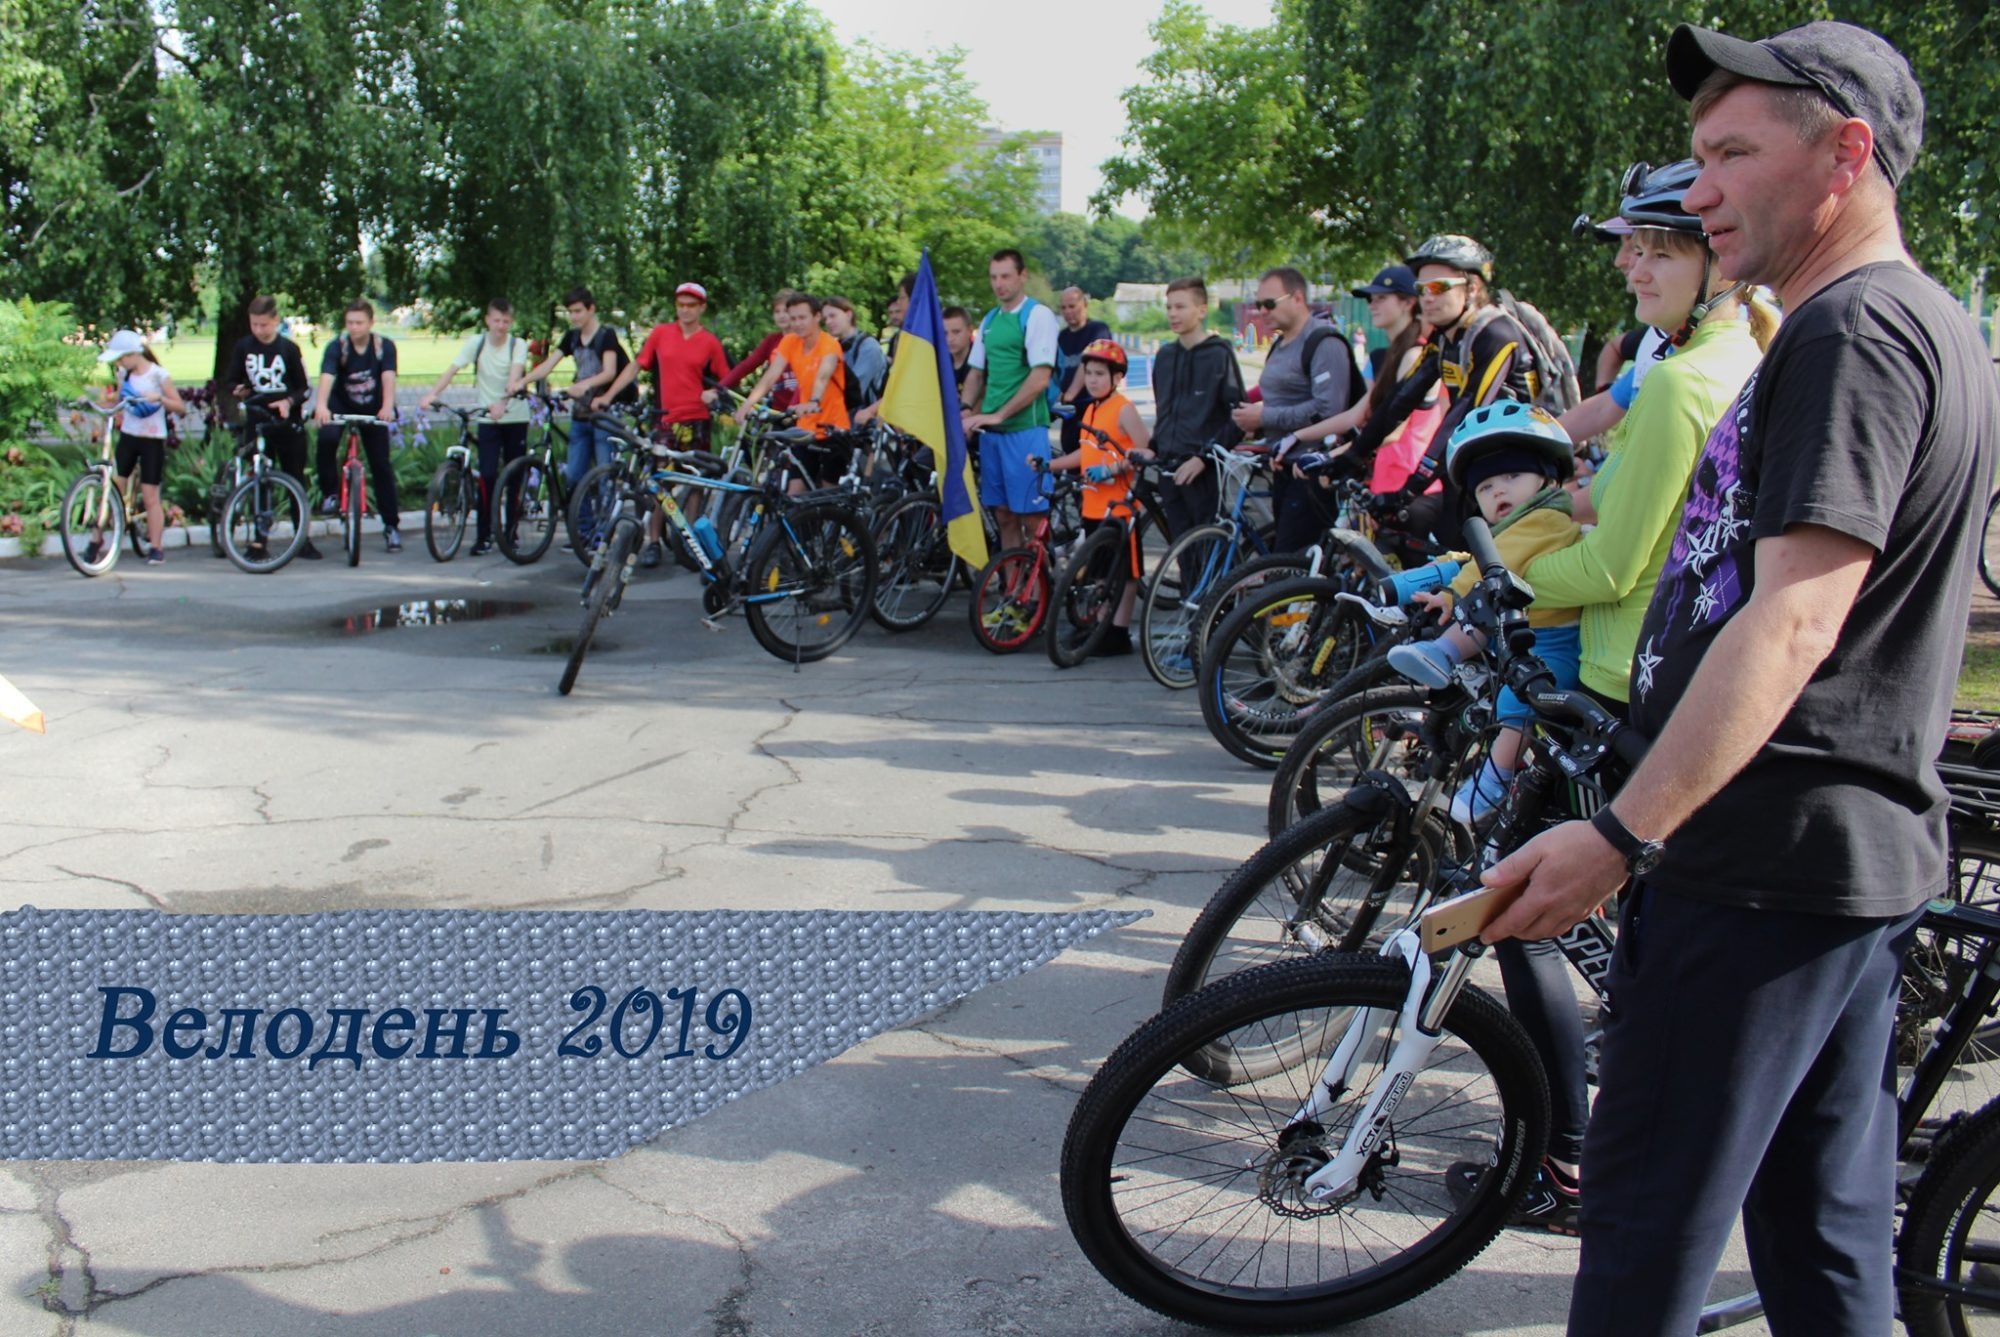 Велосипед – у маси! У Фастові відбувся Велодень - Фастів, велосипед - 61136553 2126926737425420 7839856800437370880 o 2000x1337